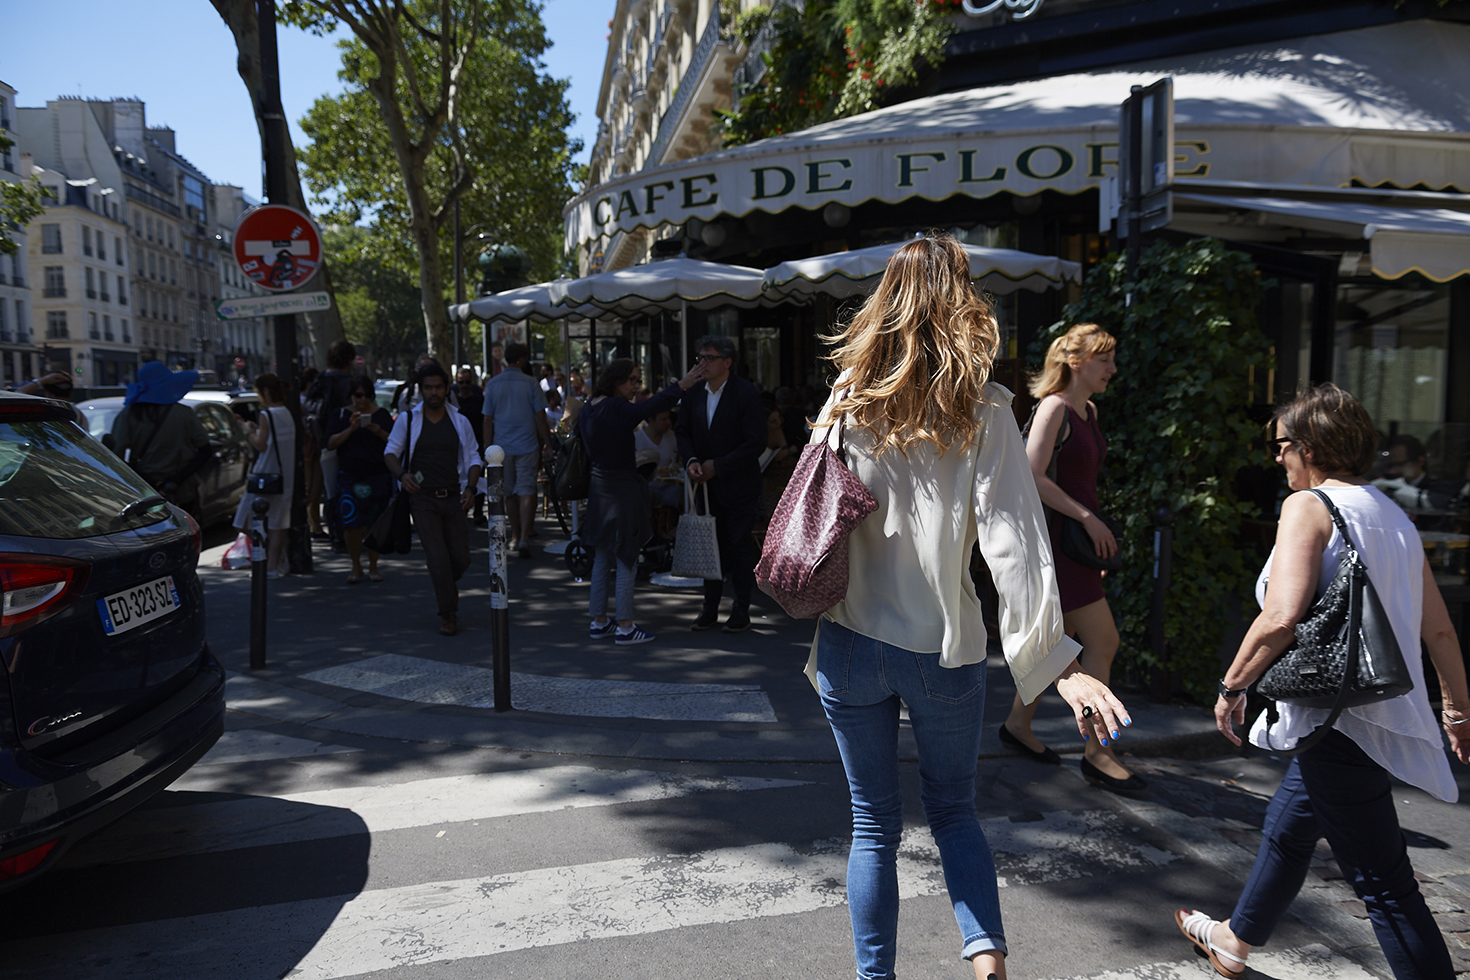 Café de Flore, Garrett Leight, Objet Trouve